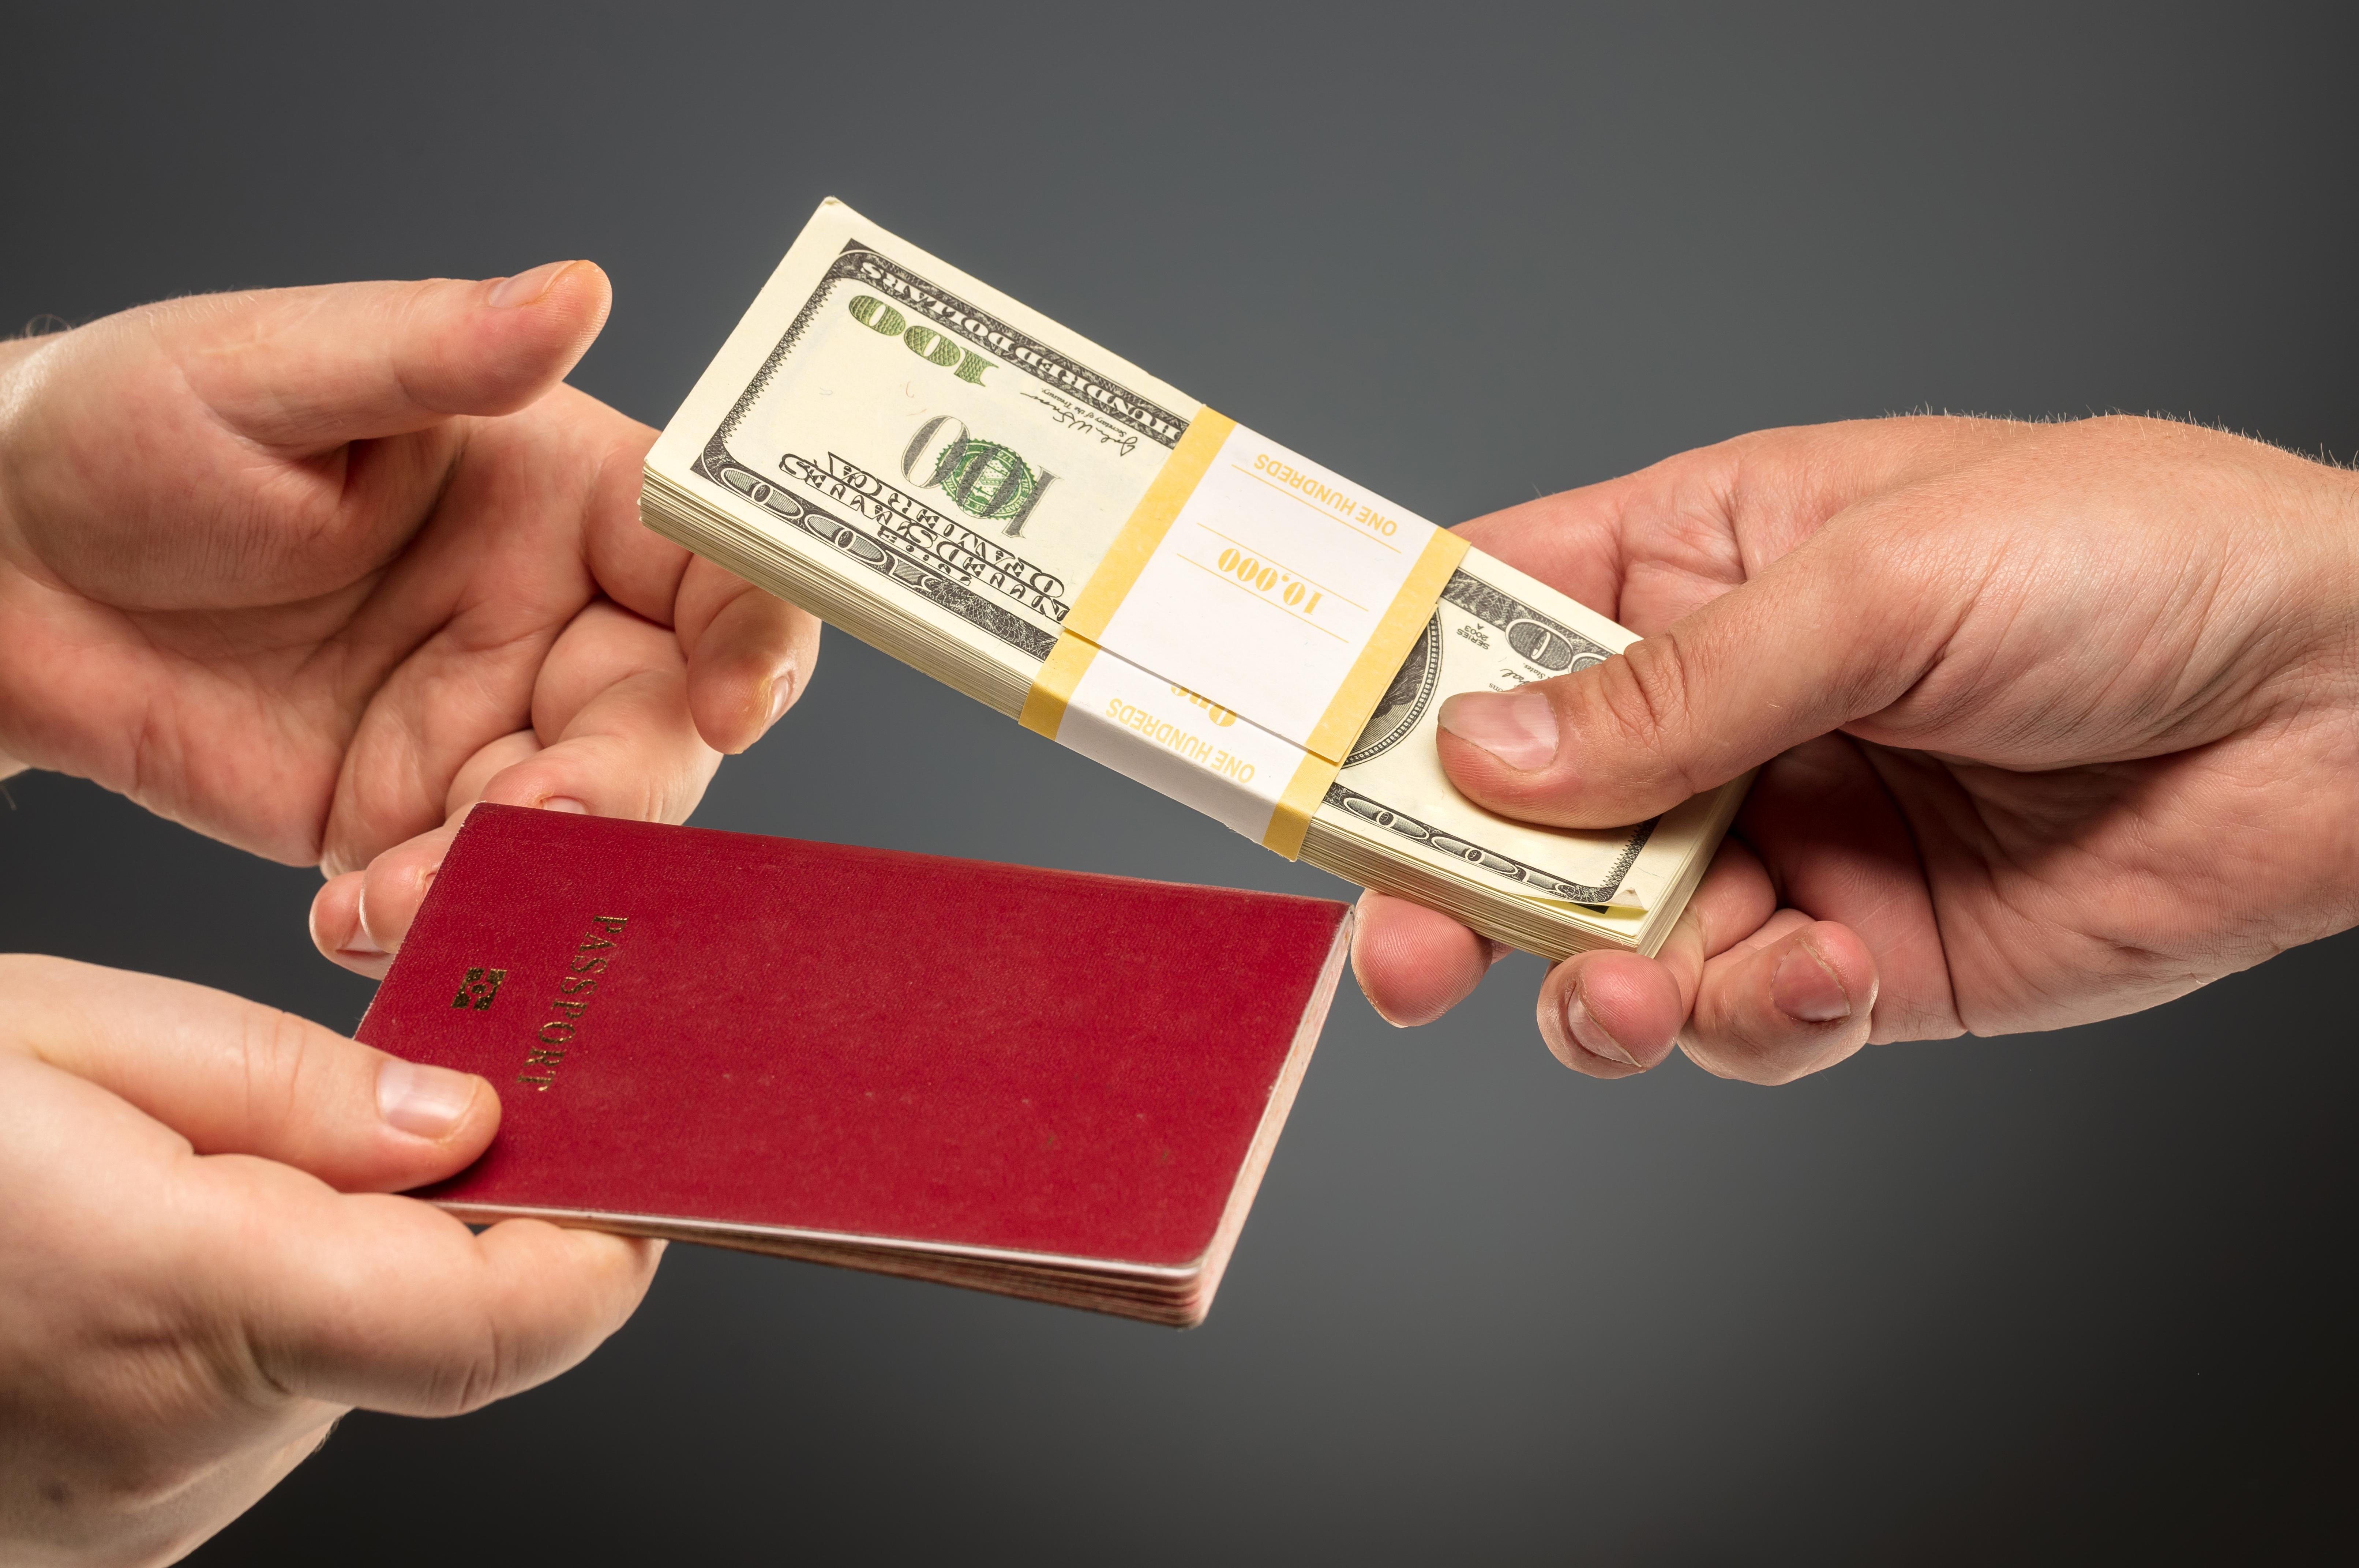 Деньги и паспорт, который можно купить за инвестиции